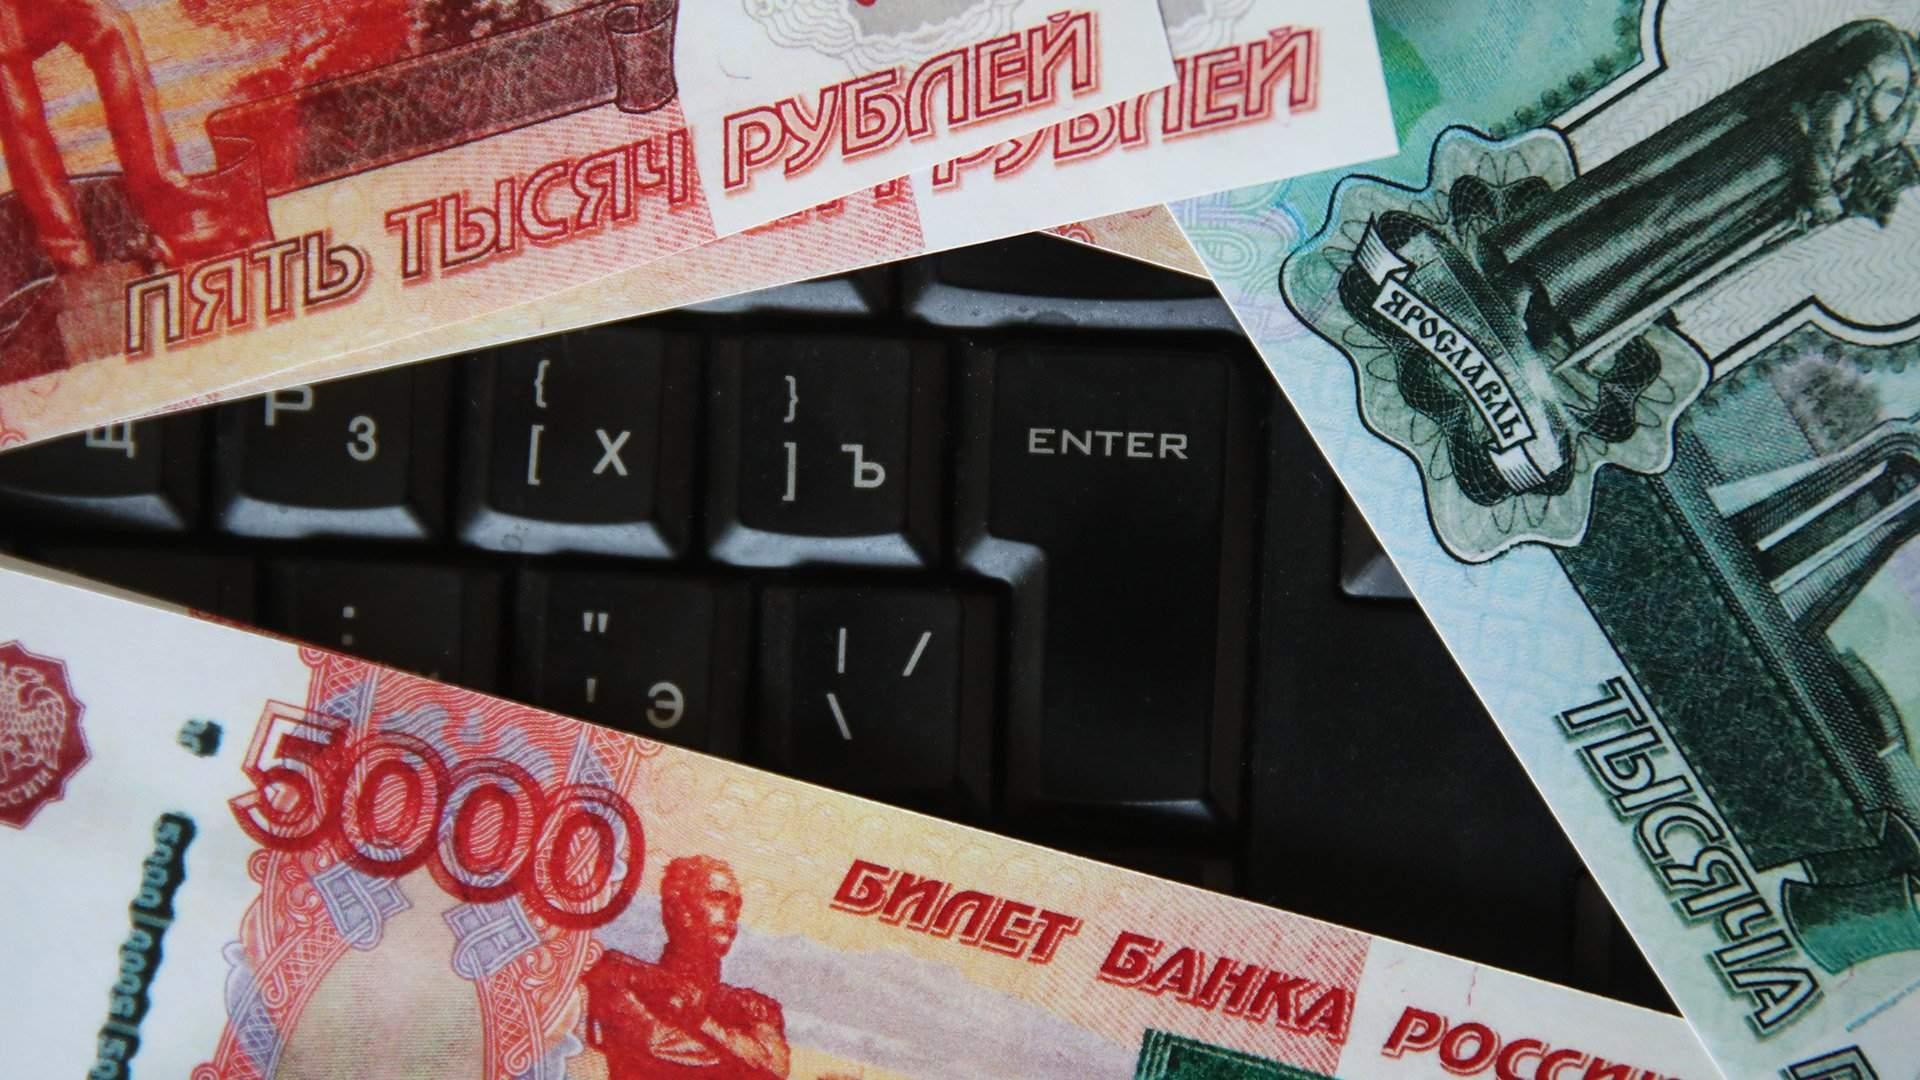 Кредитов нет схема банковской аферы